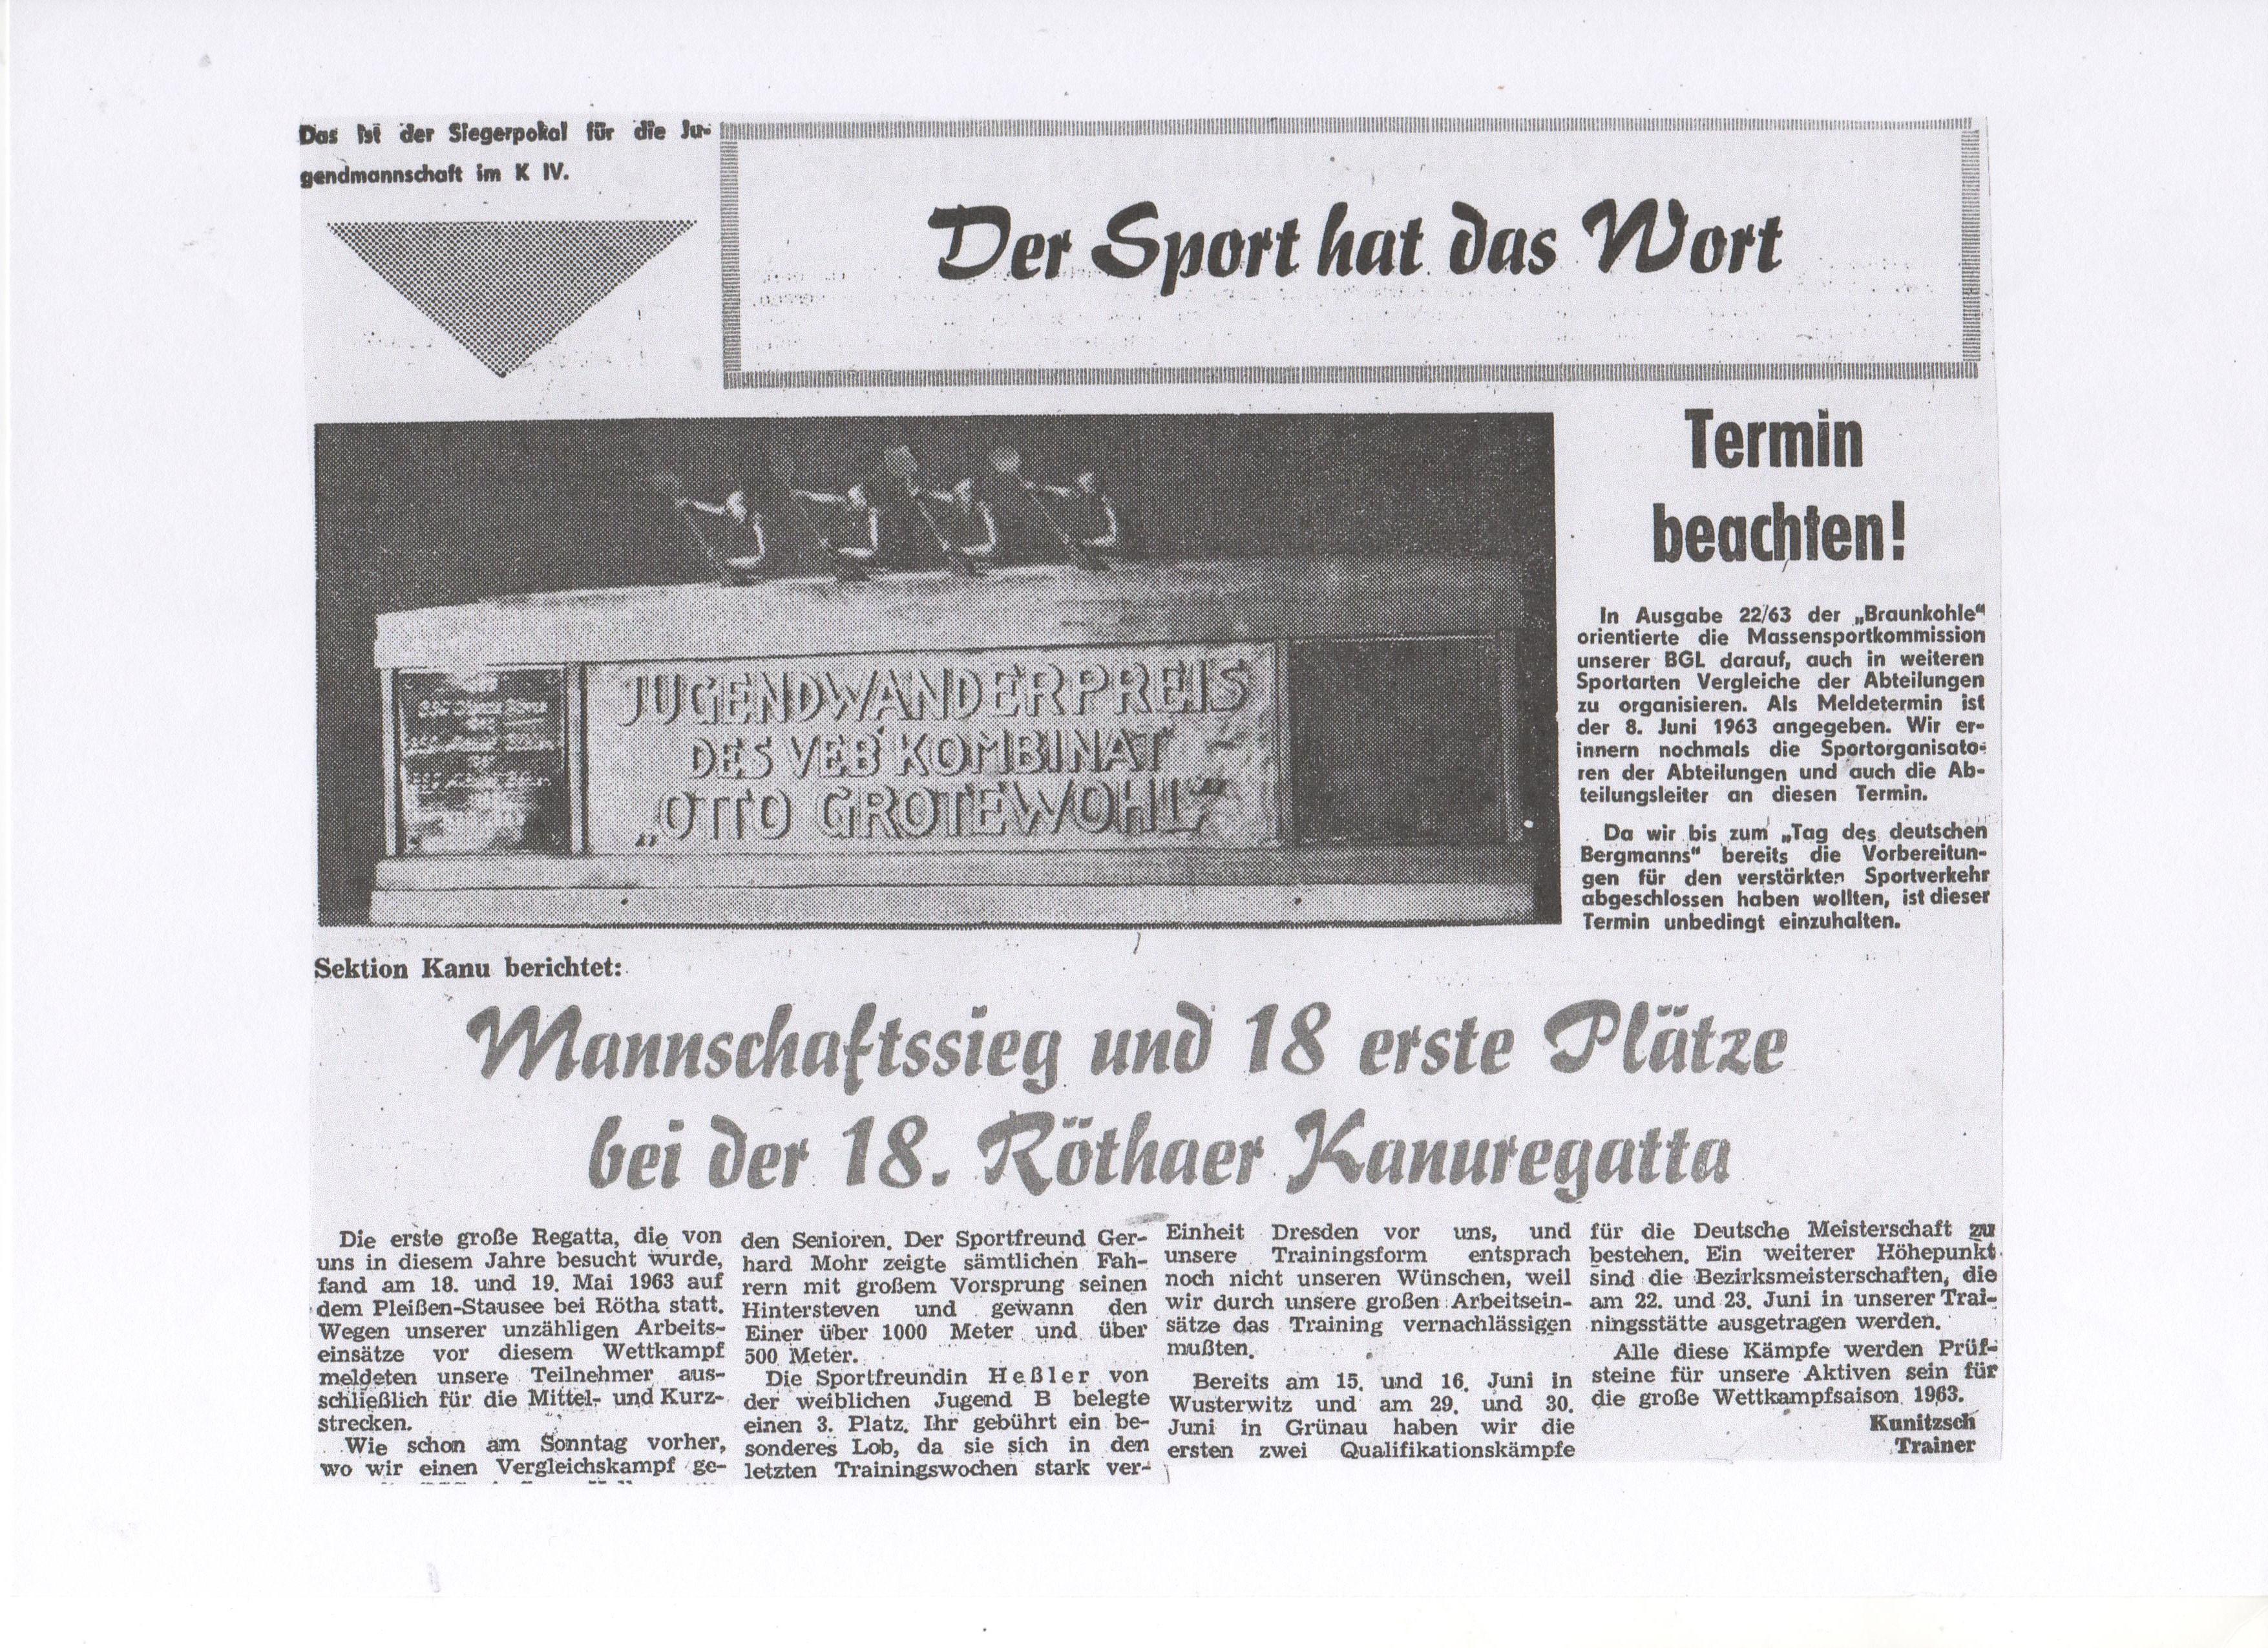 1964-06-23 Mannschaftssieg und 18 erste Plätze bei der 18. Röthaer Kanuregatta (1)